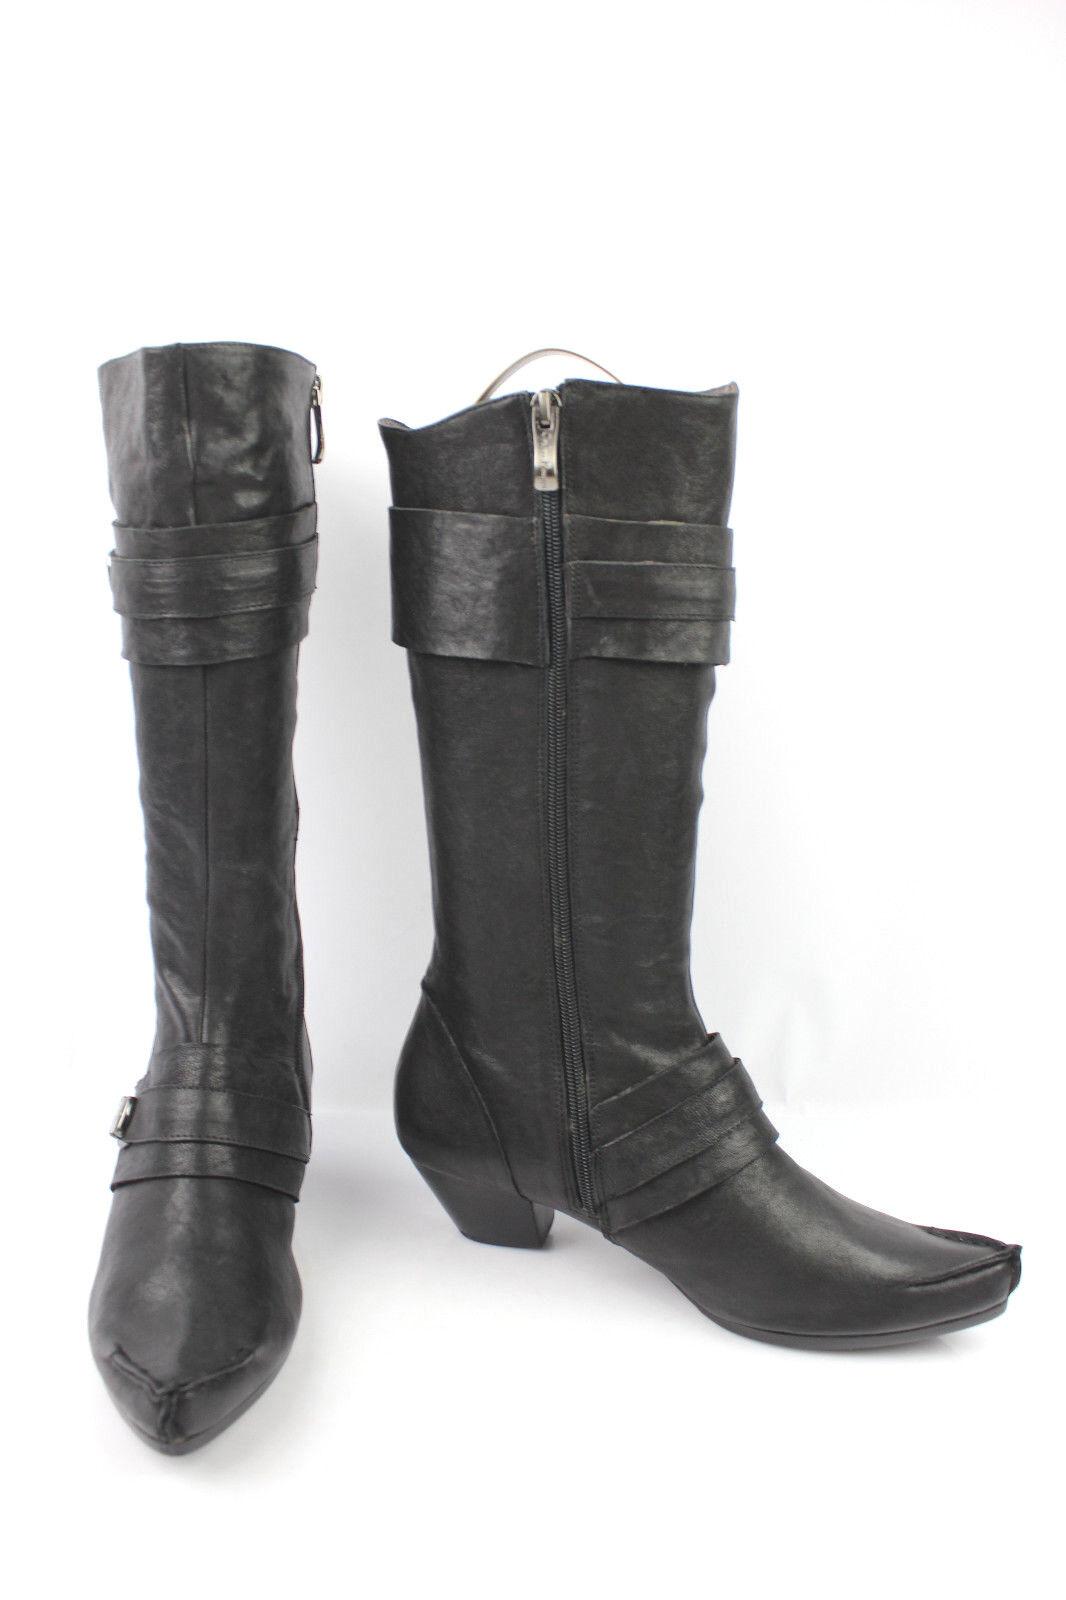 mi Stiefel COULEUR POURPRE schwarzes Leder t 39 sehr guter Zustand